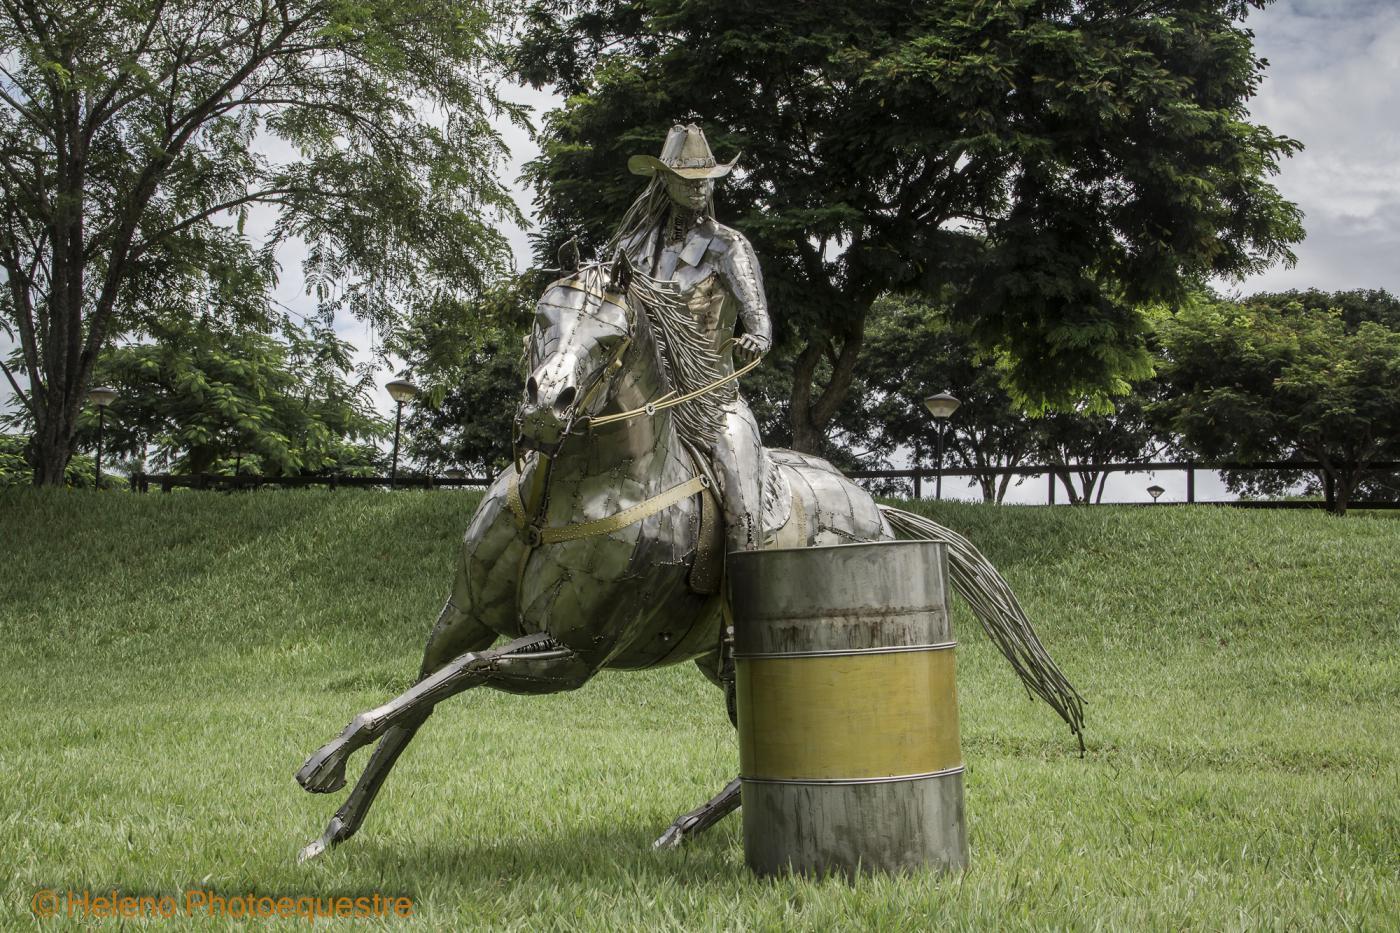 Prova do Tambor - Barrel racing - Quarter Mile,  Metal SculpturesZe Vasconcellos Metal Sculptures - Metal Sculptures - Campinas - São Paulo - Brasil Esculturas em Metal, Metal Sculptures, Cavalo Metal, Horse Metal, Art Metal, Ze Vasconcellos Metal Sculptures